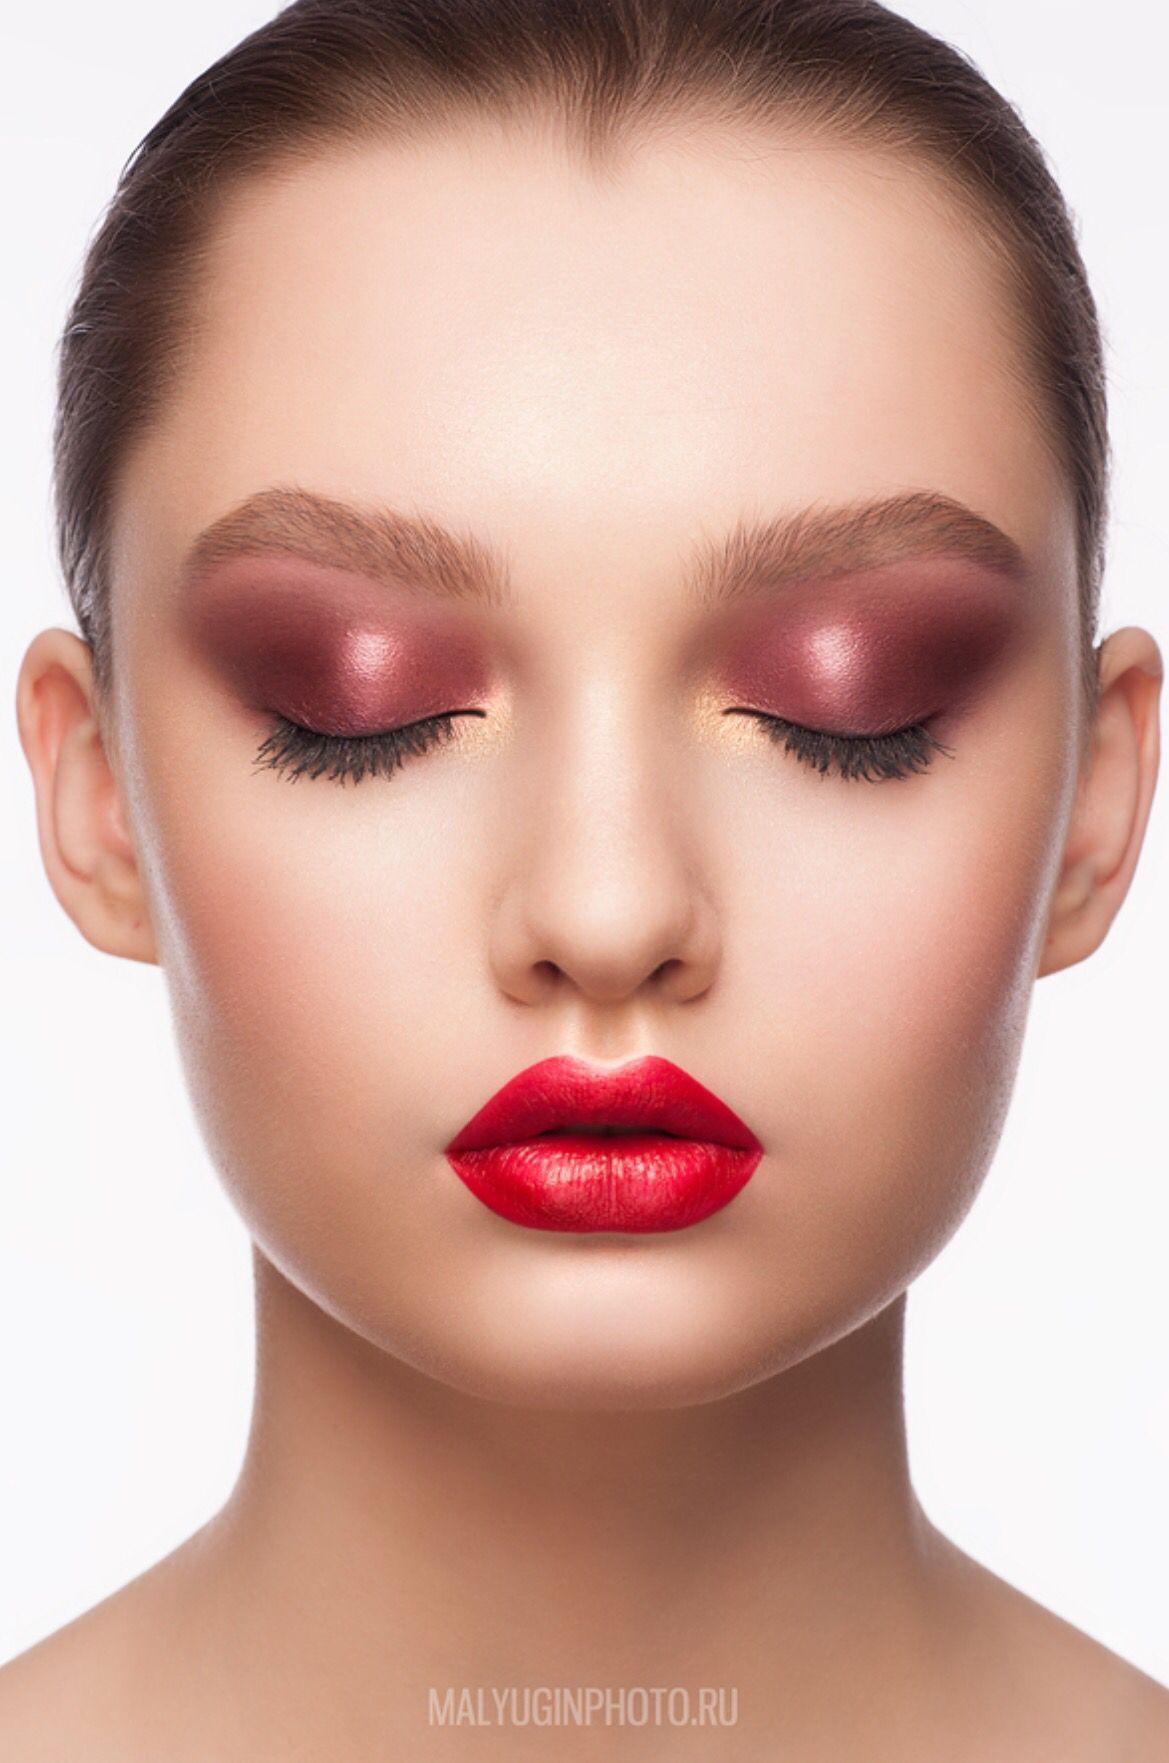 Makeup trends wwwbeautyadvisoreu  Makijaż  Pinterest  Best